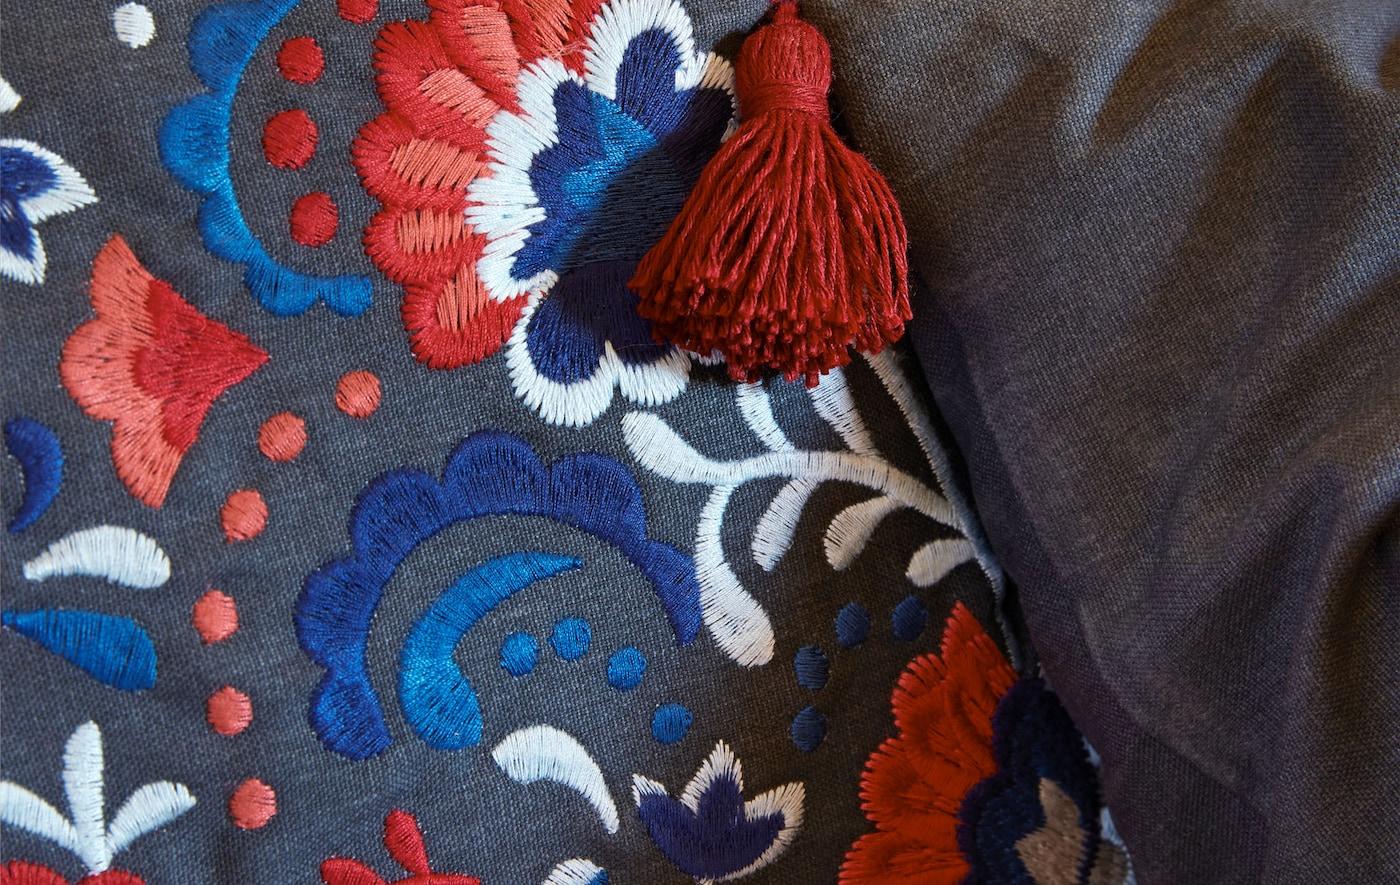 تكبير لقسم من غطاء وسادة، مطرز بنقوش لونية متداخلة، بينما تتدلى شرّابة من الزاوية.